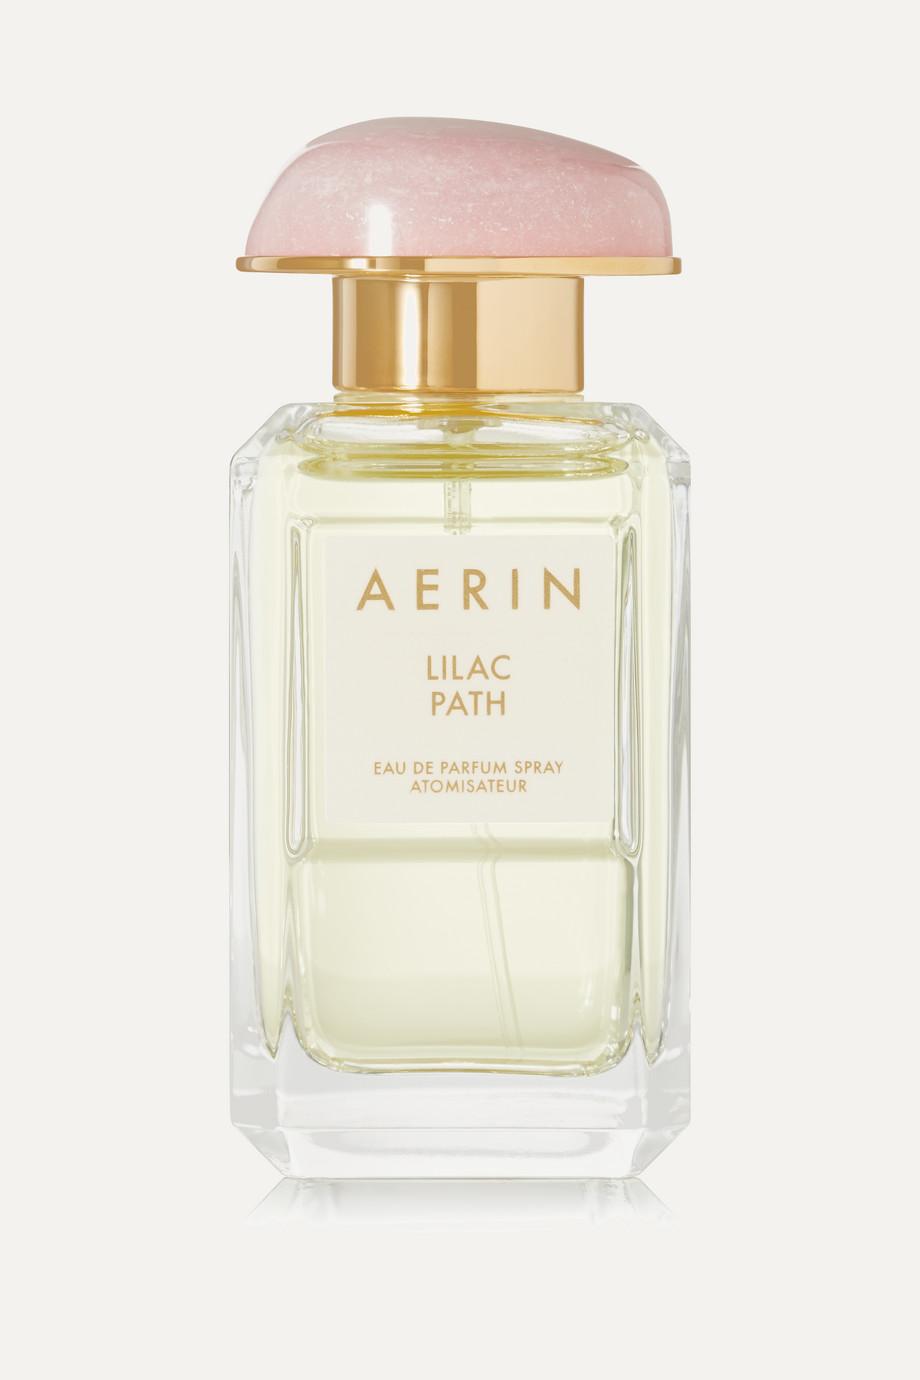 AERIN Beauty Lilac Path Eau de Parfum - Lilac & Privet Flower, 50ml